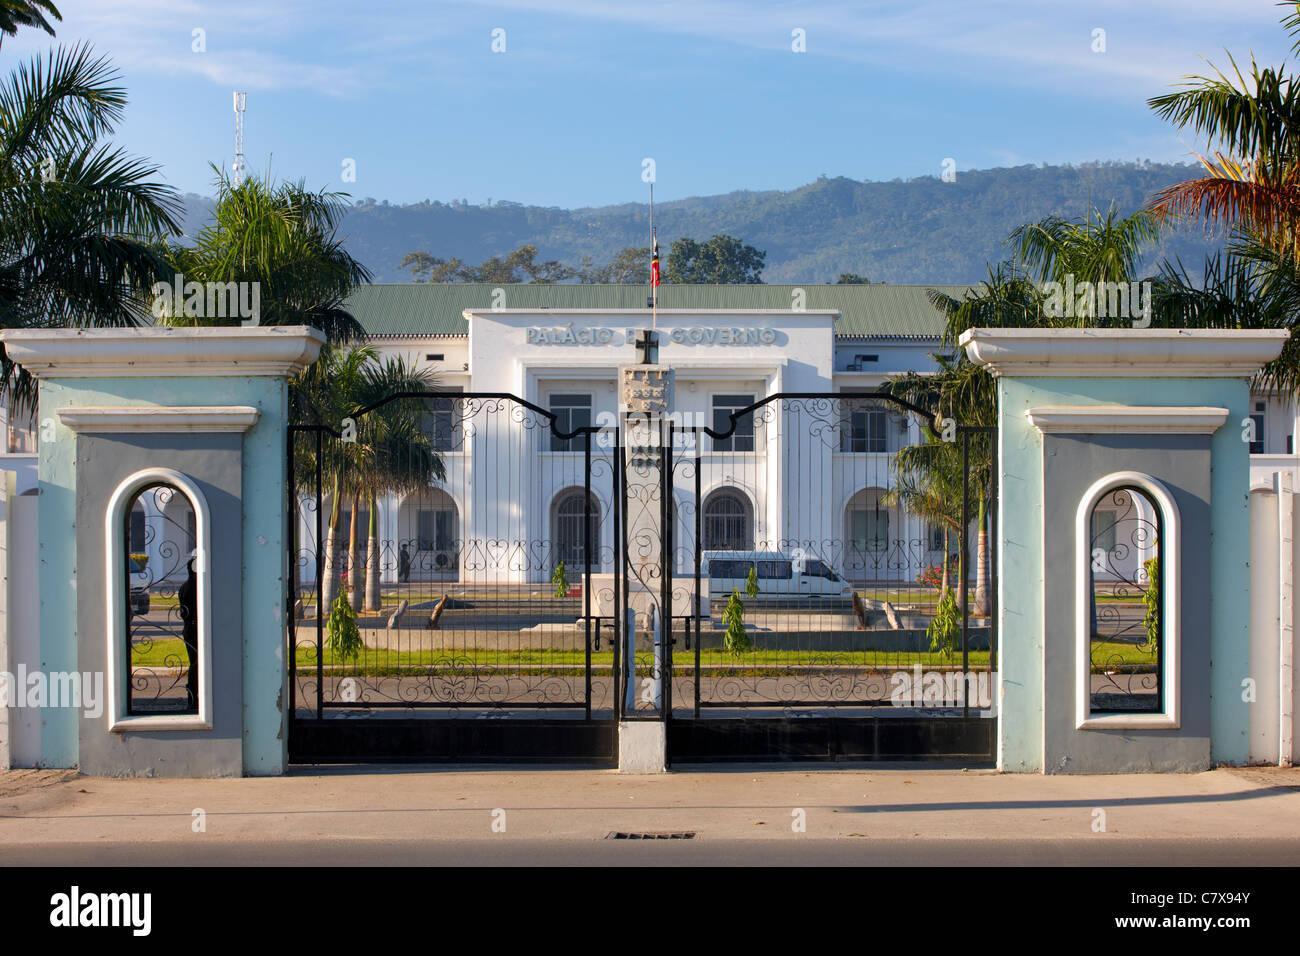 Palacio de Gobierno, Dili, Timor-Leste (Timor Oriental), Asia Foto de stock